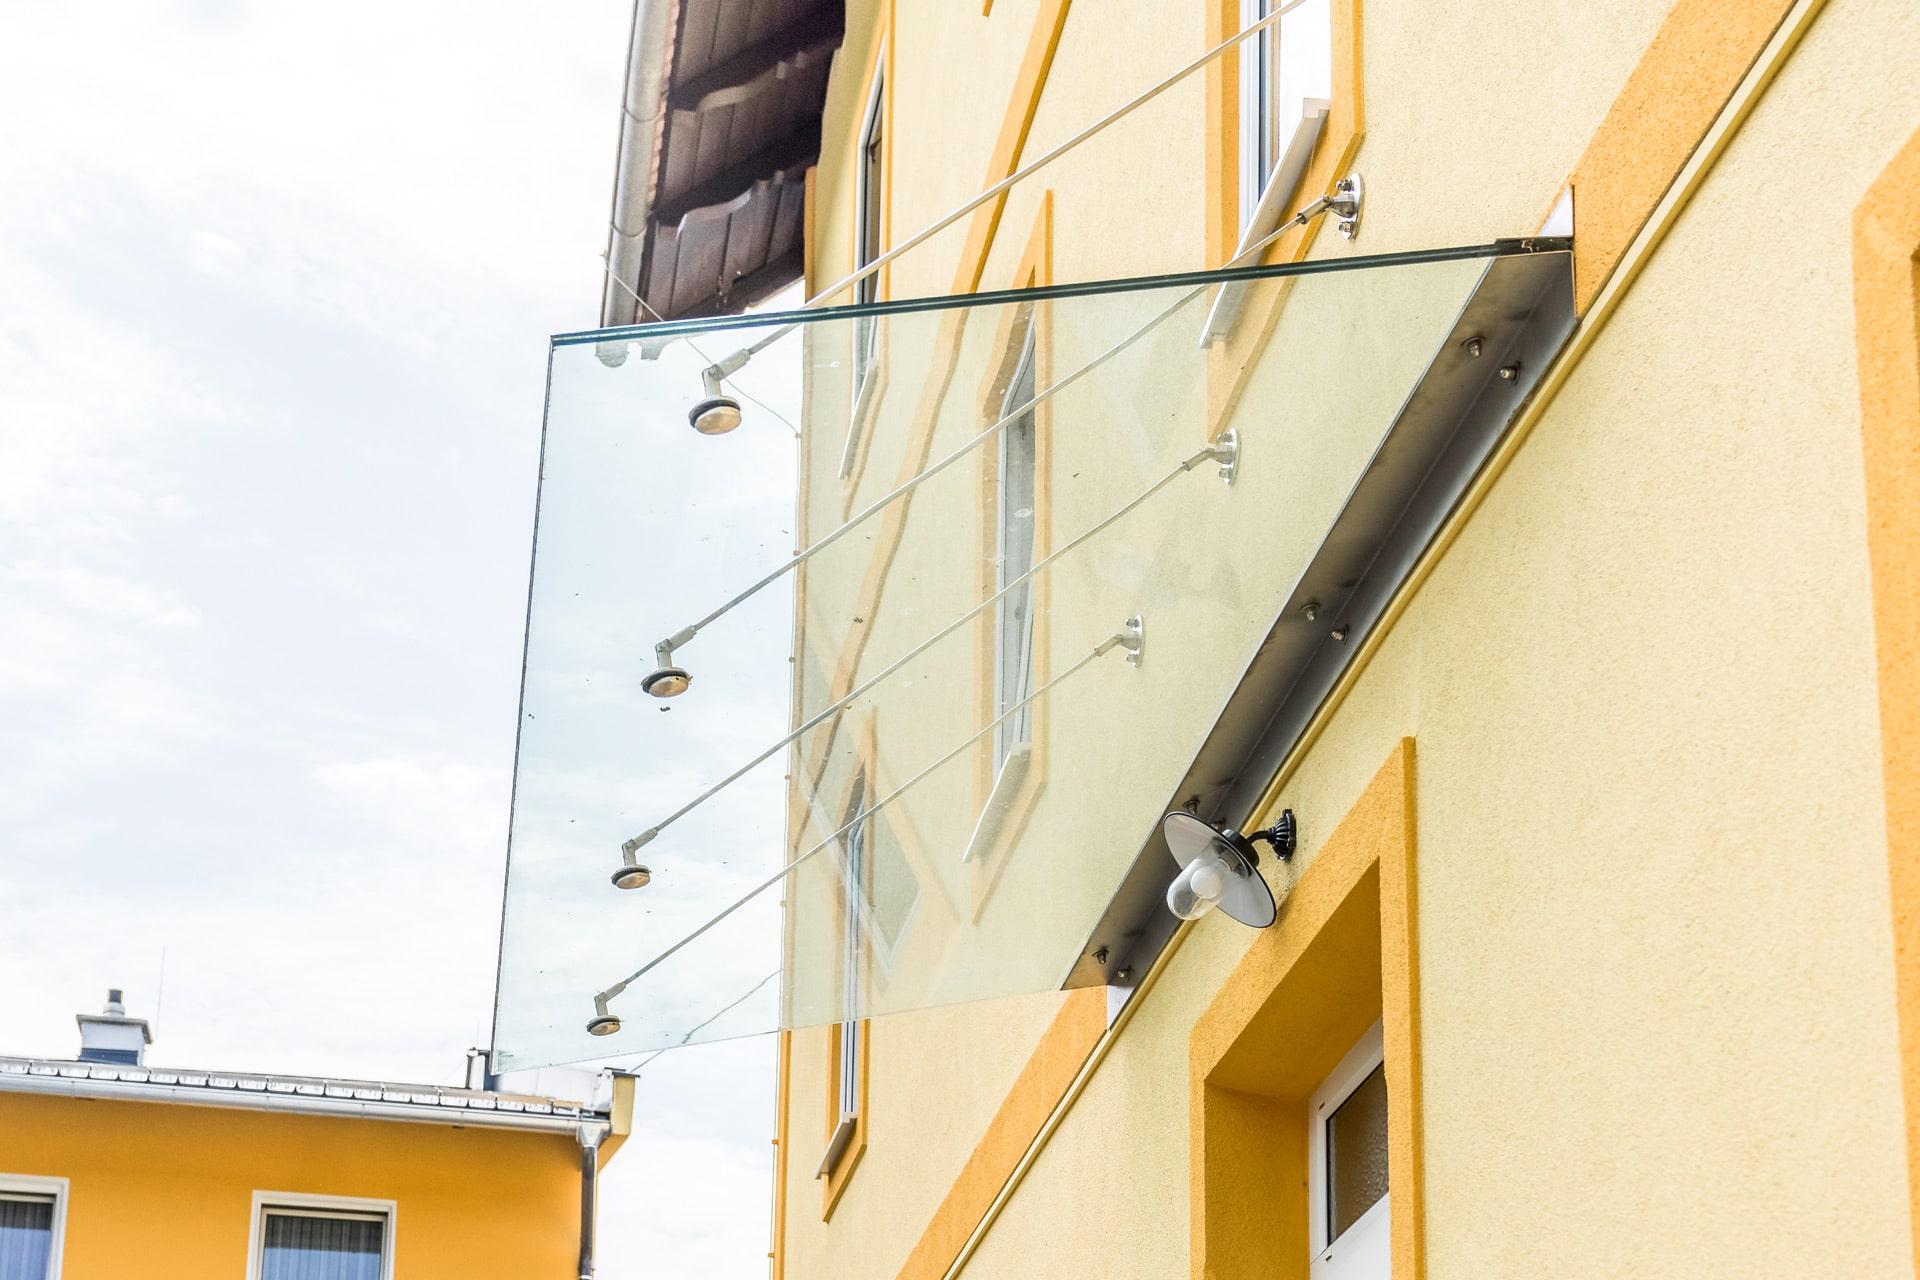 Nurglasvordach 17 | Eingangsdach aus Klarglas mit Edelstahlwinkel und Wand-Aufhängung | Svoboda